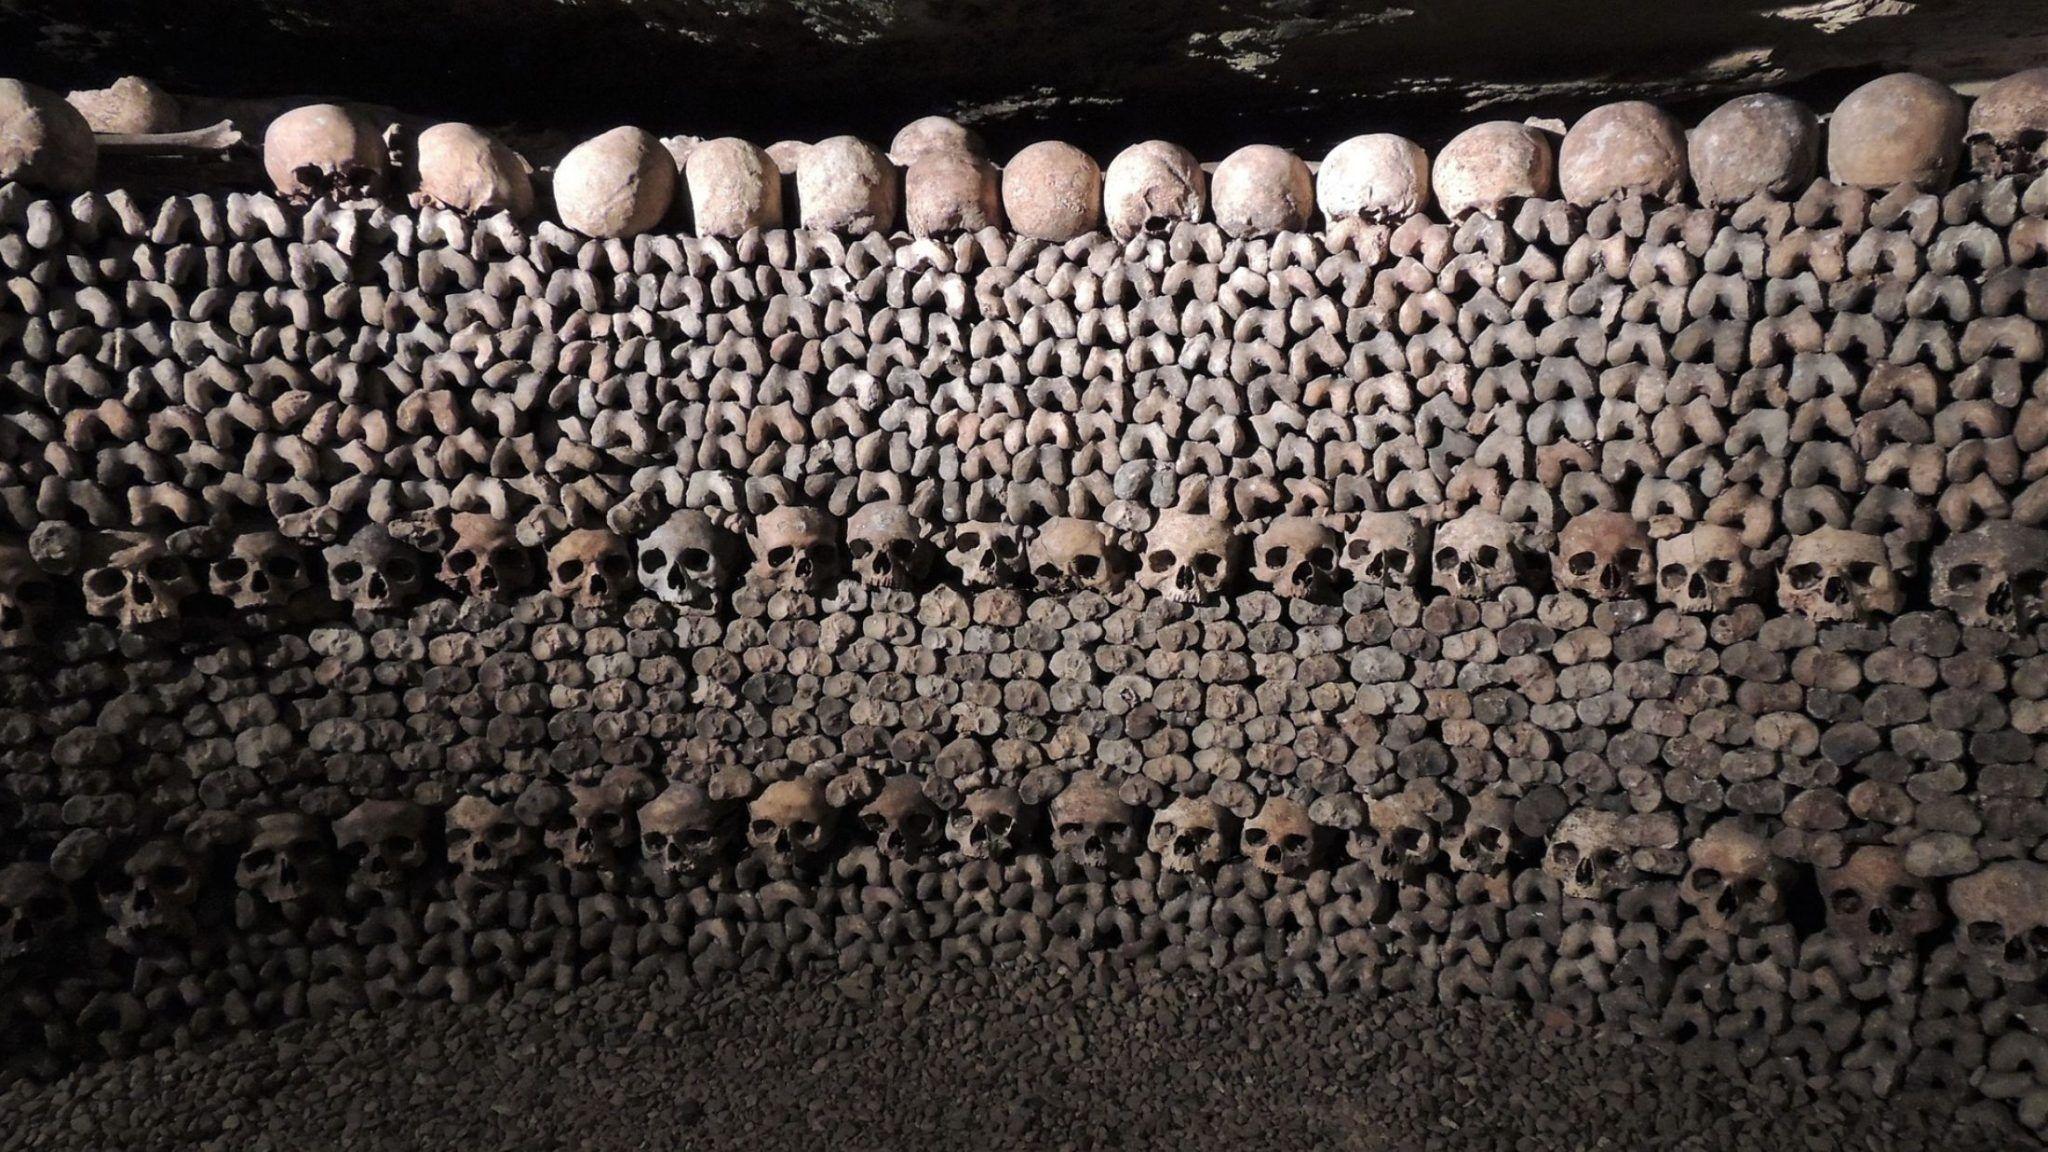 skulls-1233643_1920